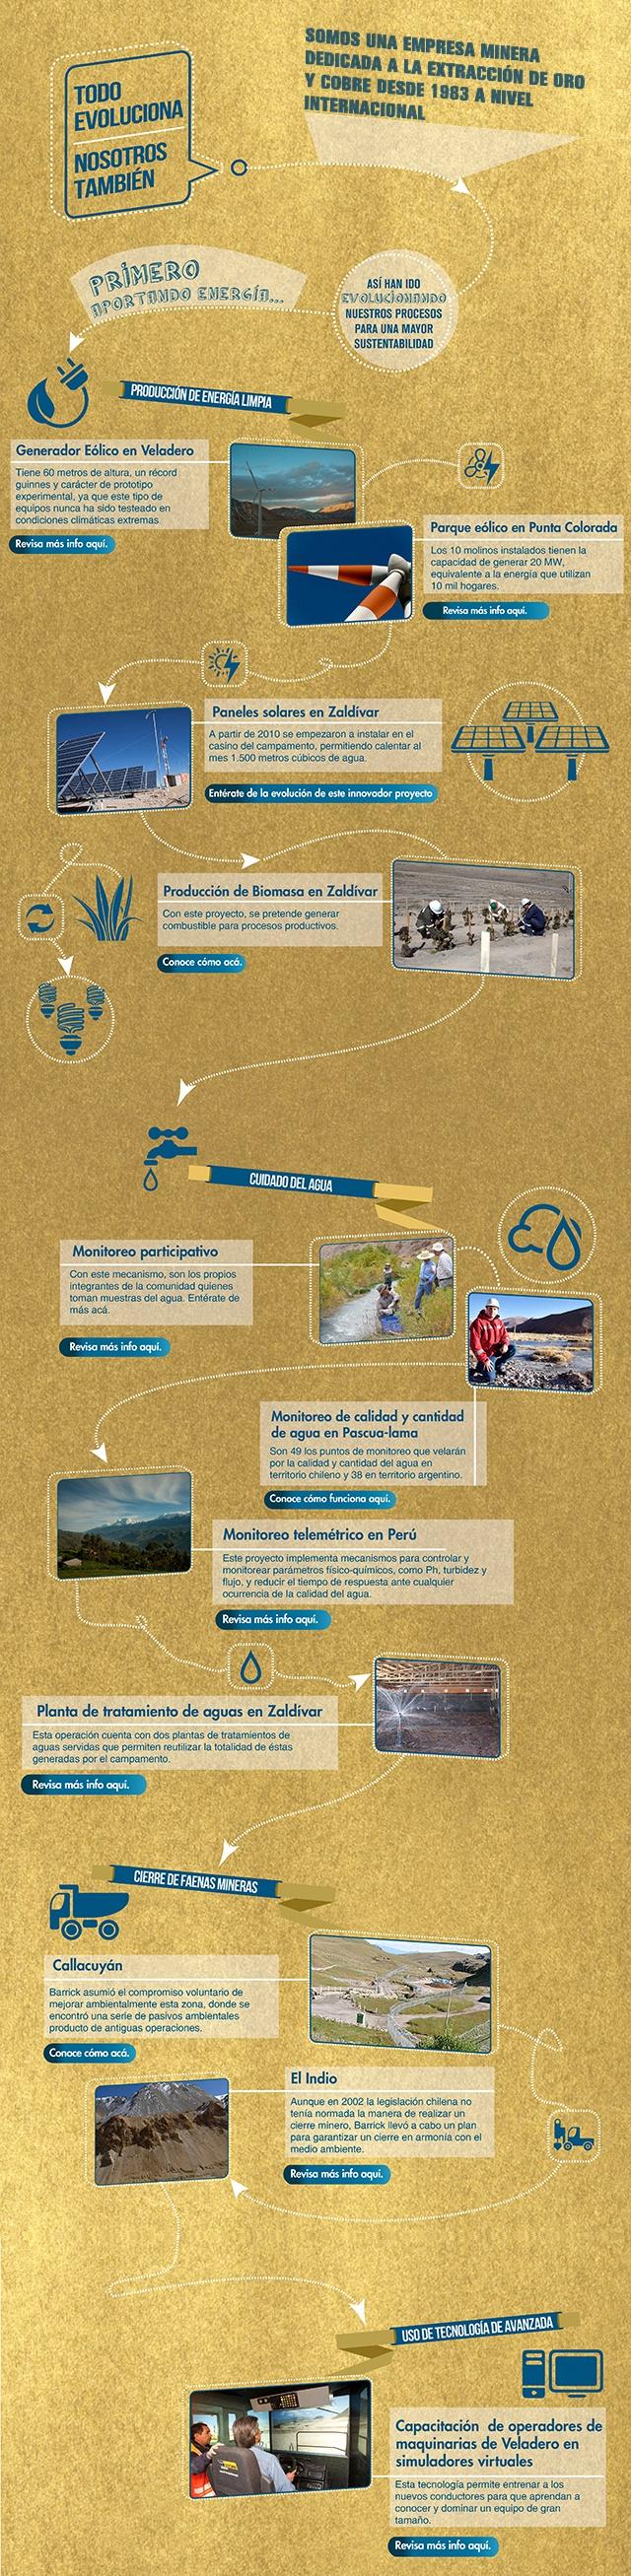 Los avances de Barrick por una minería sustentable